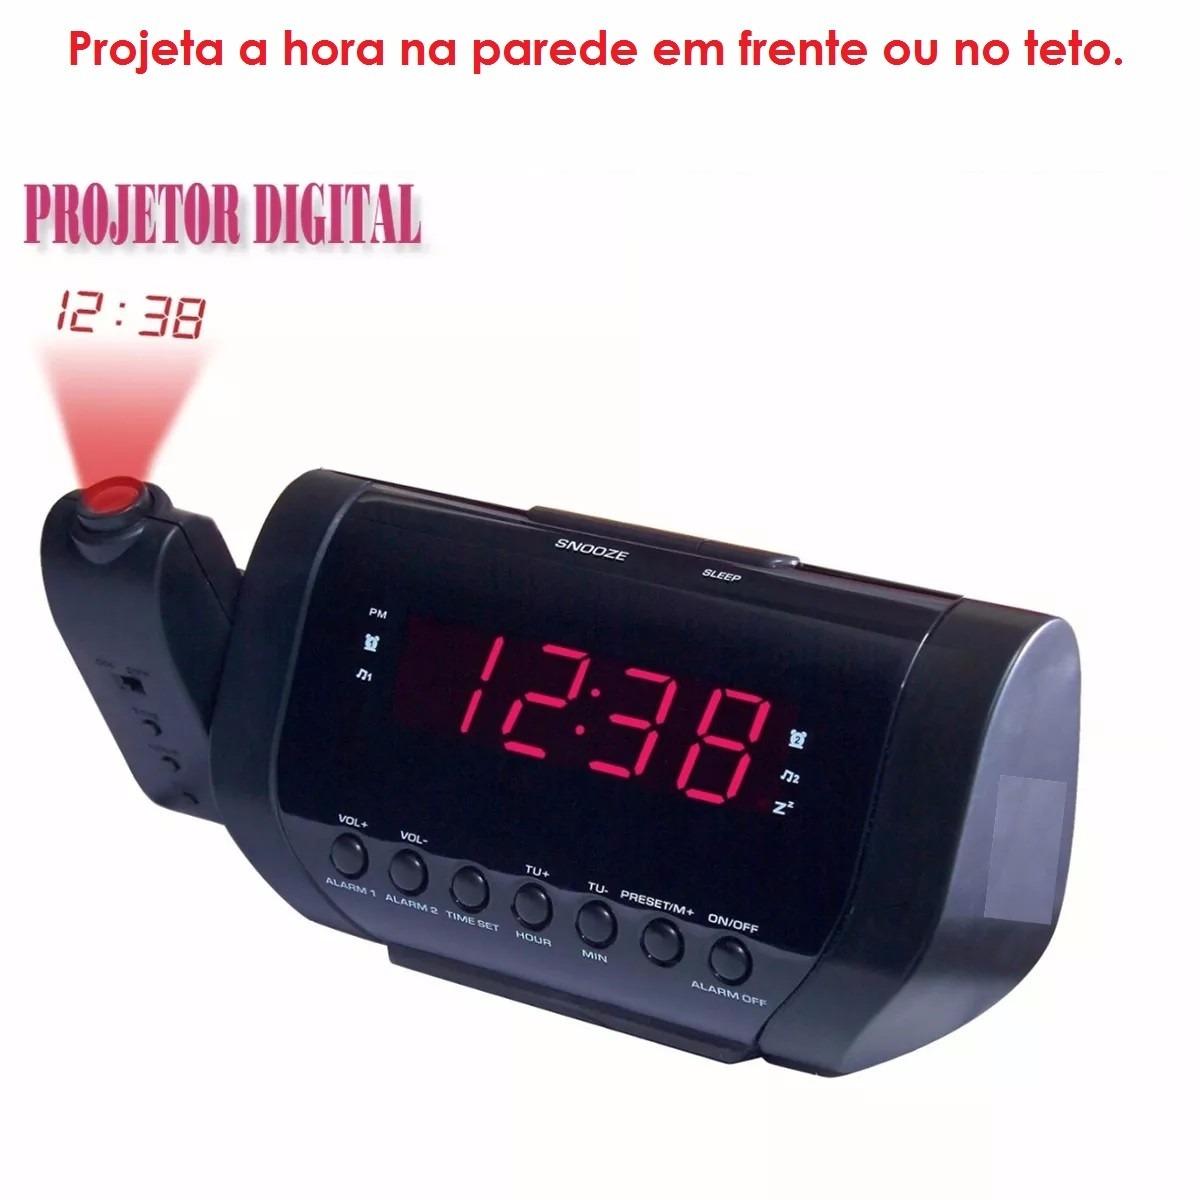 07d9503b935 Rádio Relógio Am fm Projetor Digital Hora Despertador Bivolt - R  89 ...